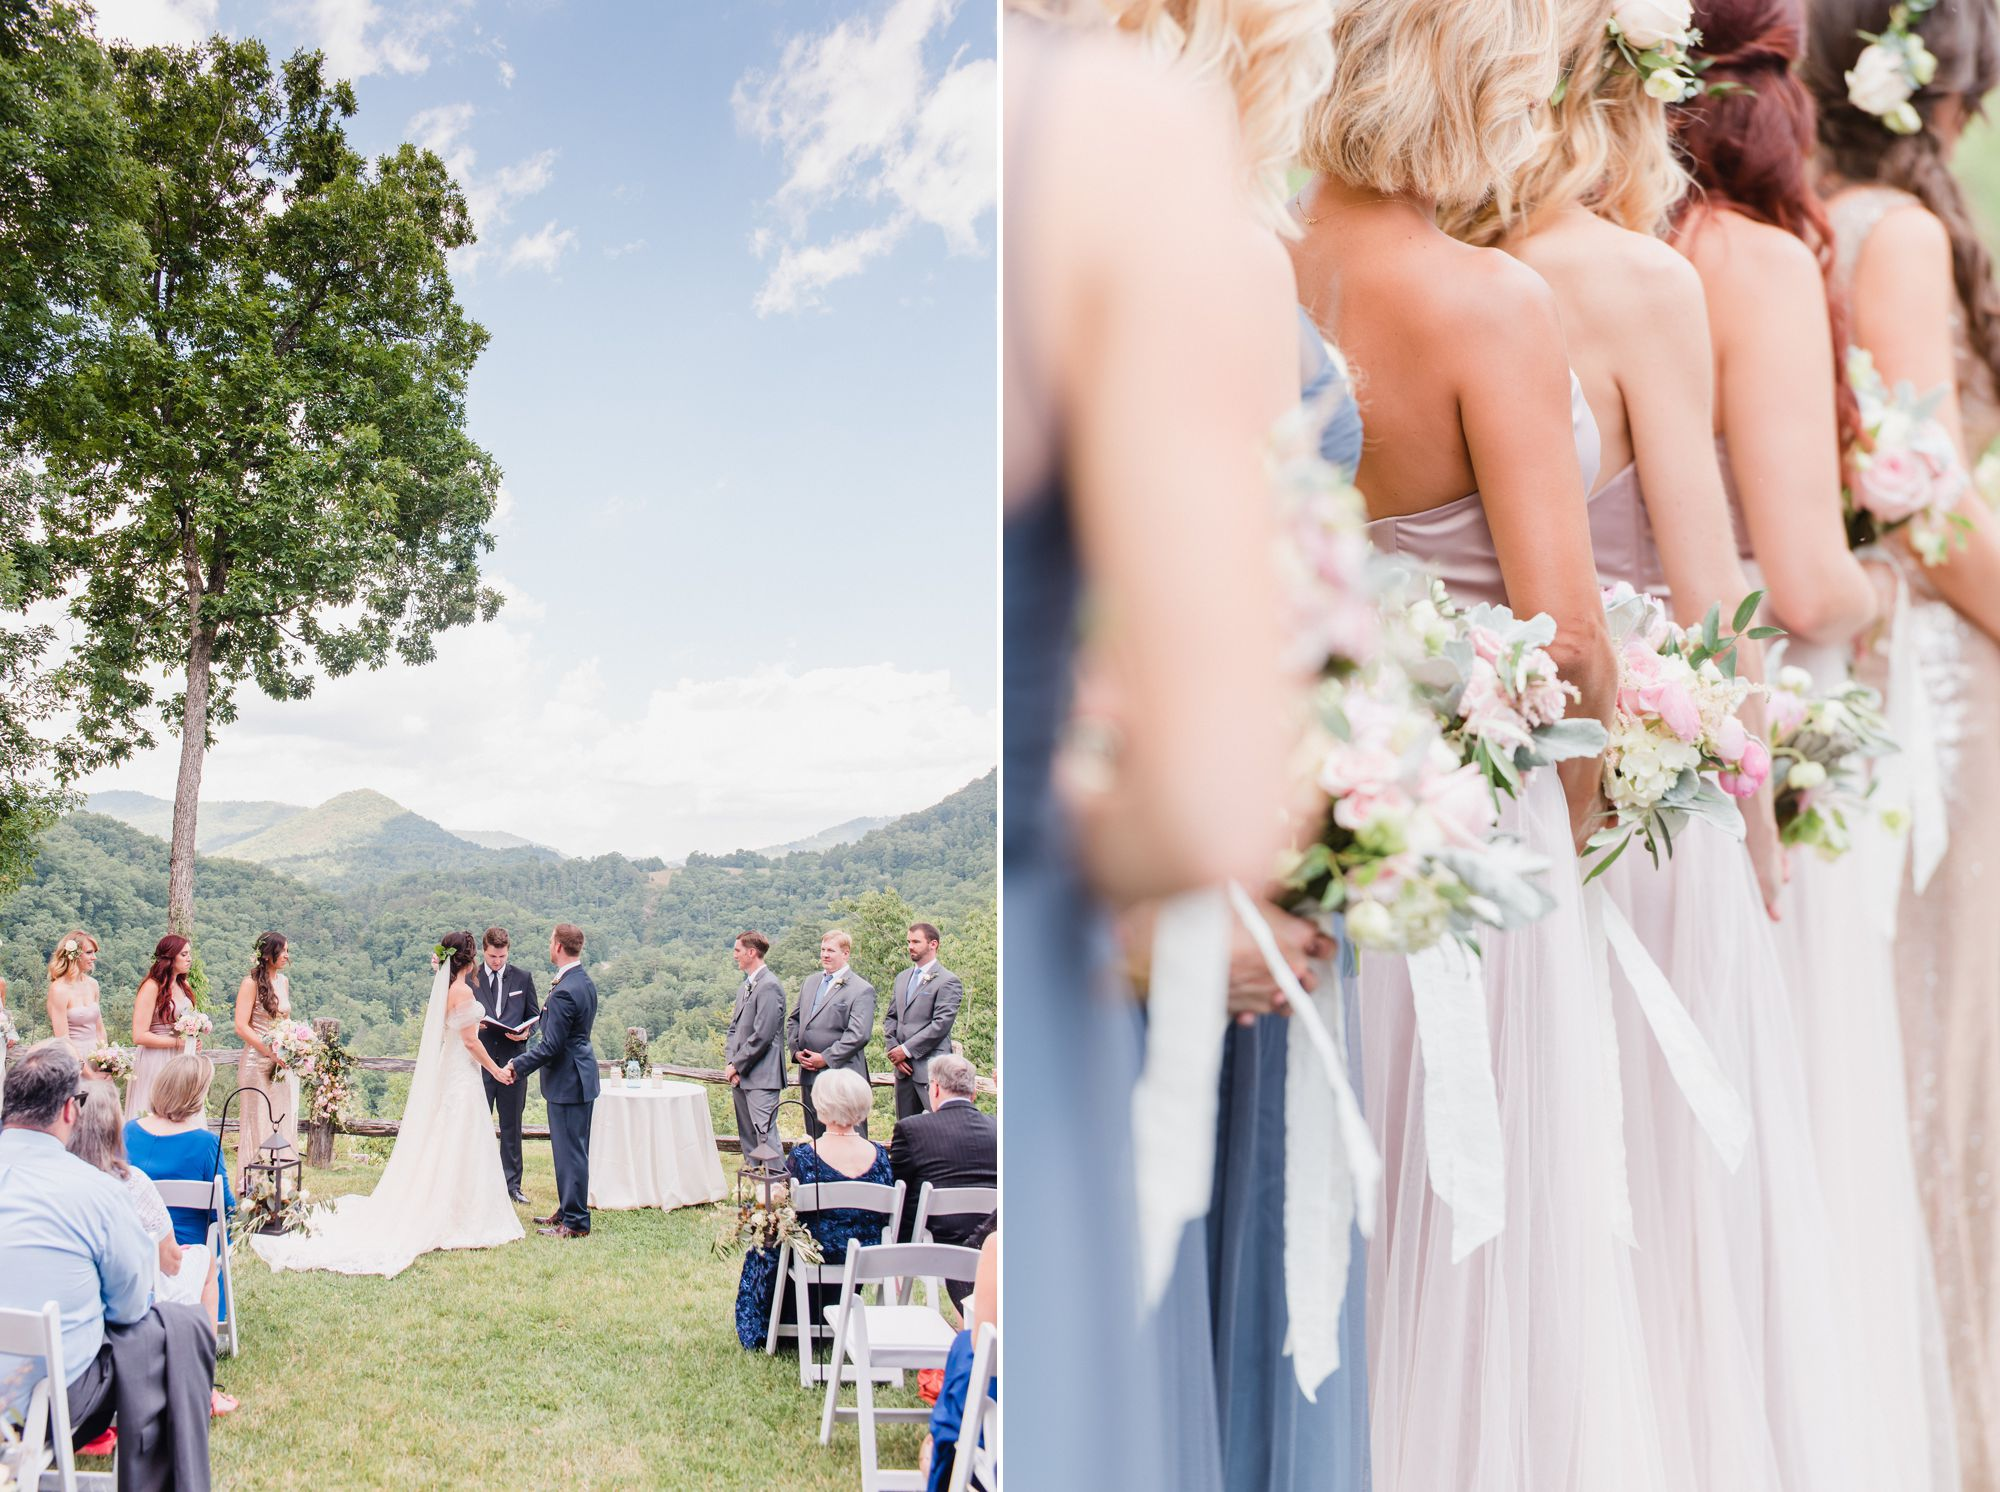 castle-ladyhawke-destination-wedding 34